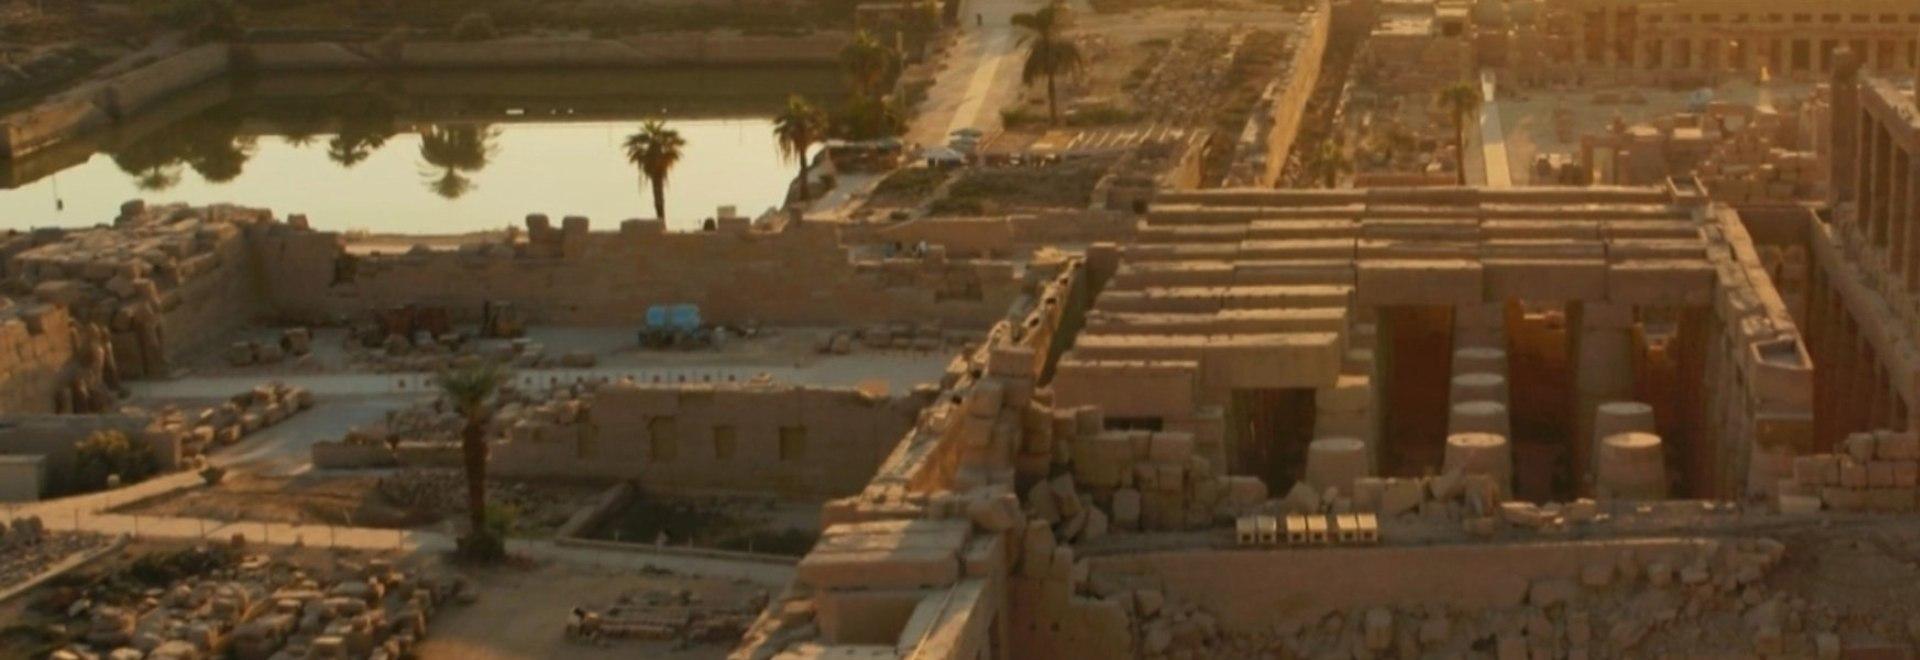 L'antico impero